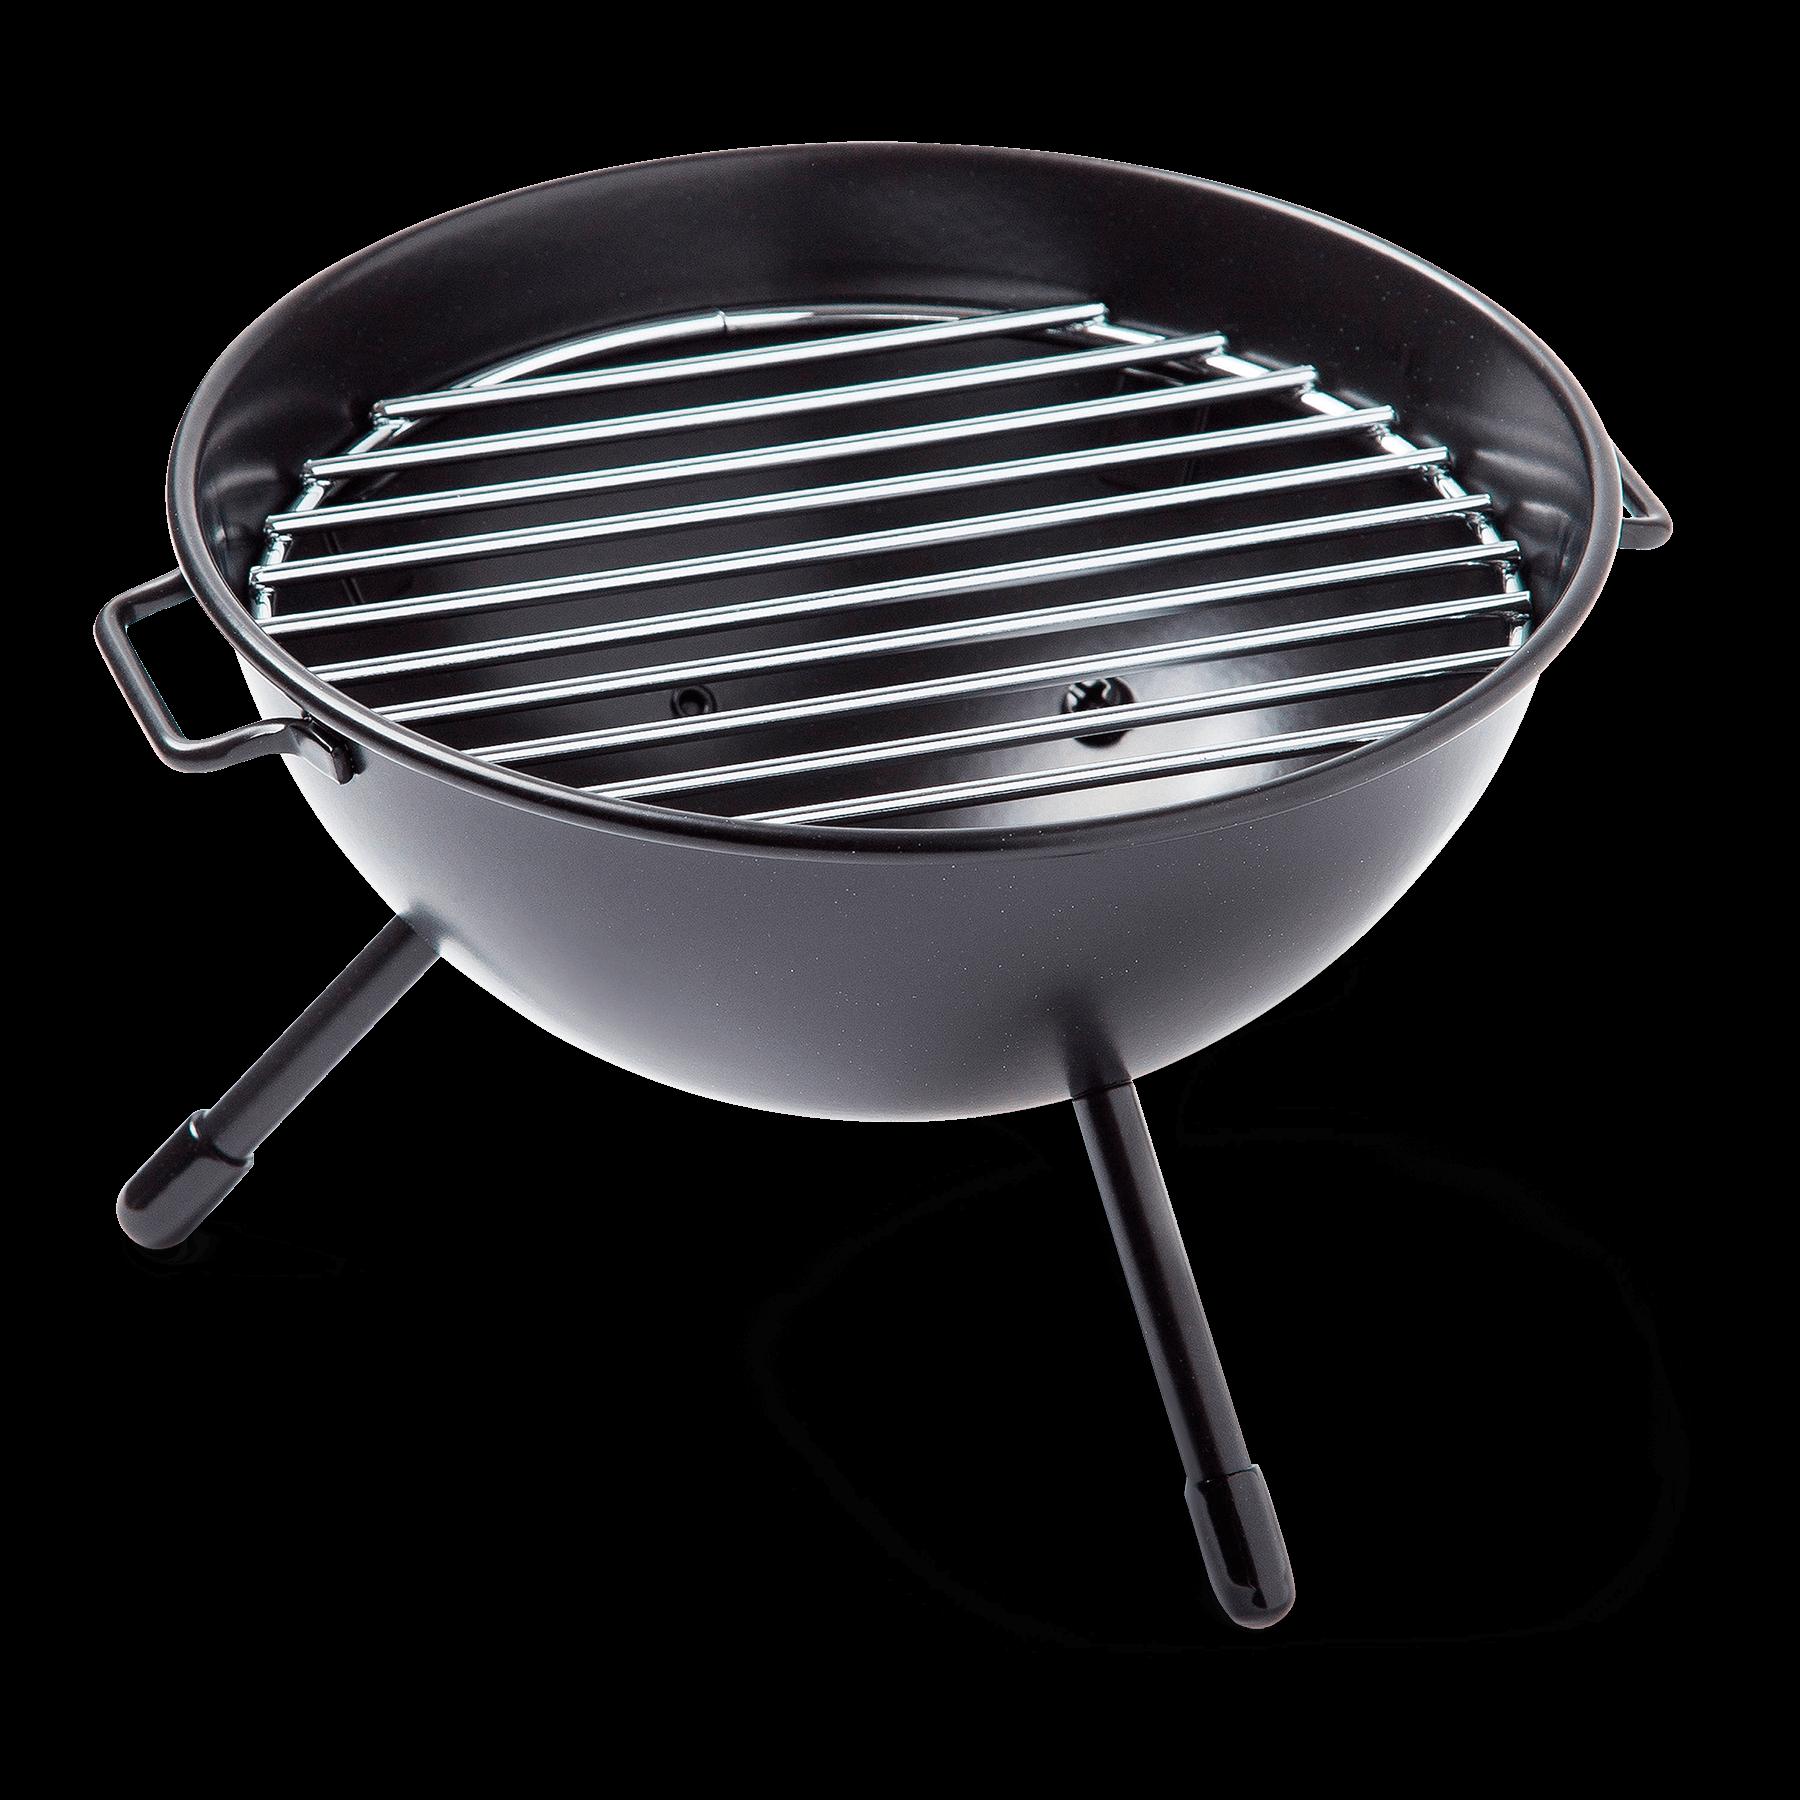 Miniature grill